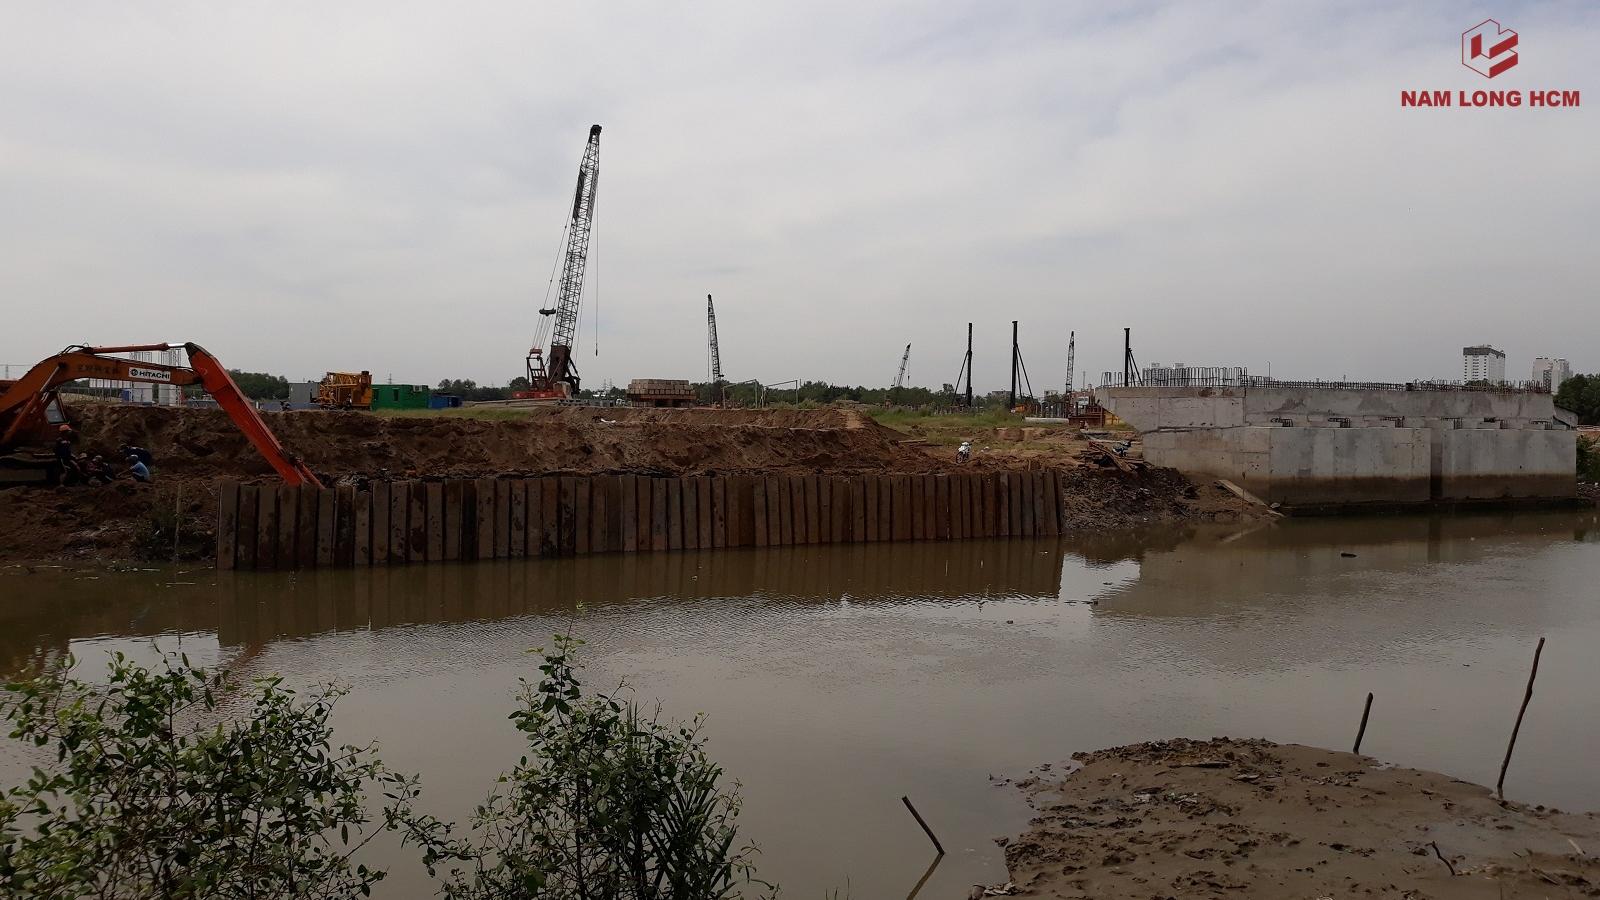 Đơn vị xây dựng đang tiến hành thi công phần kè của dự án. Ảnh Nam Long HCM